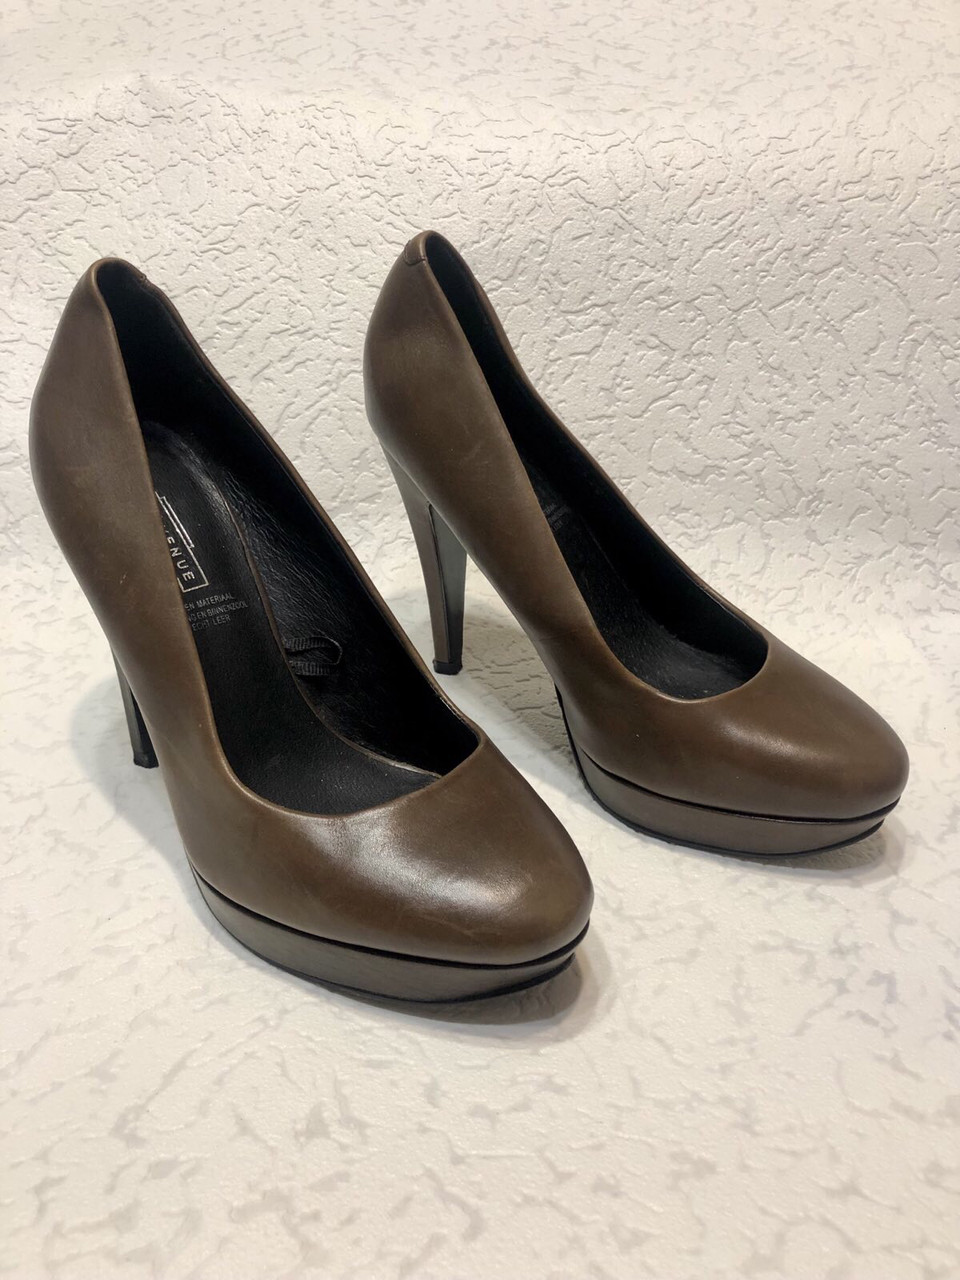 Кожаные женские туфли на высоком каблуке и танкетке